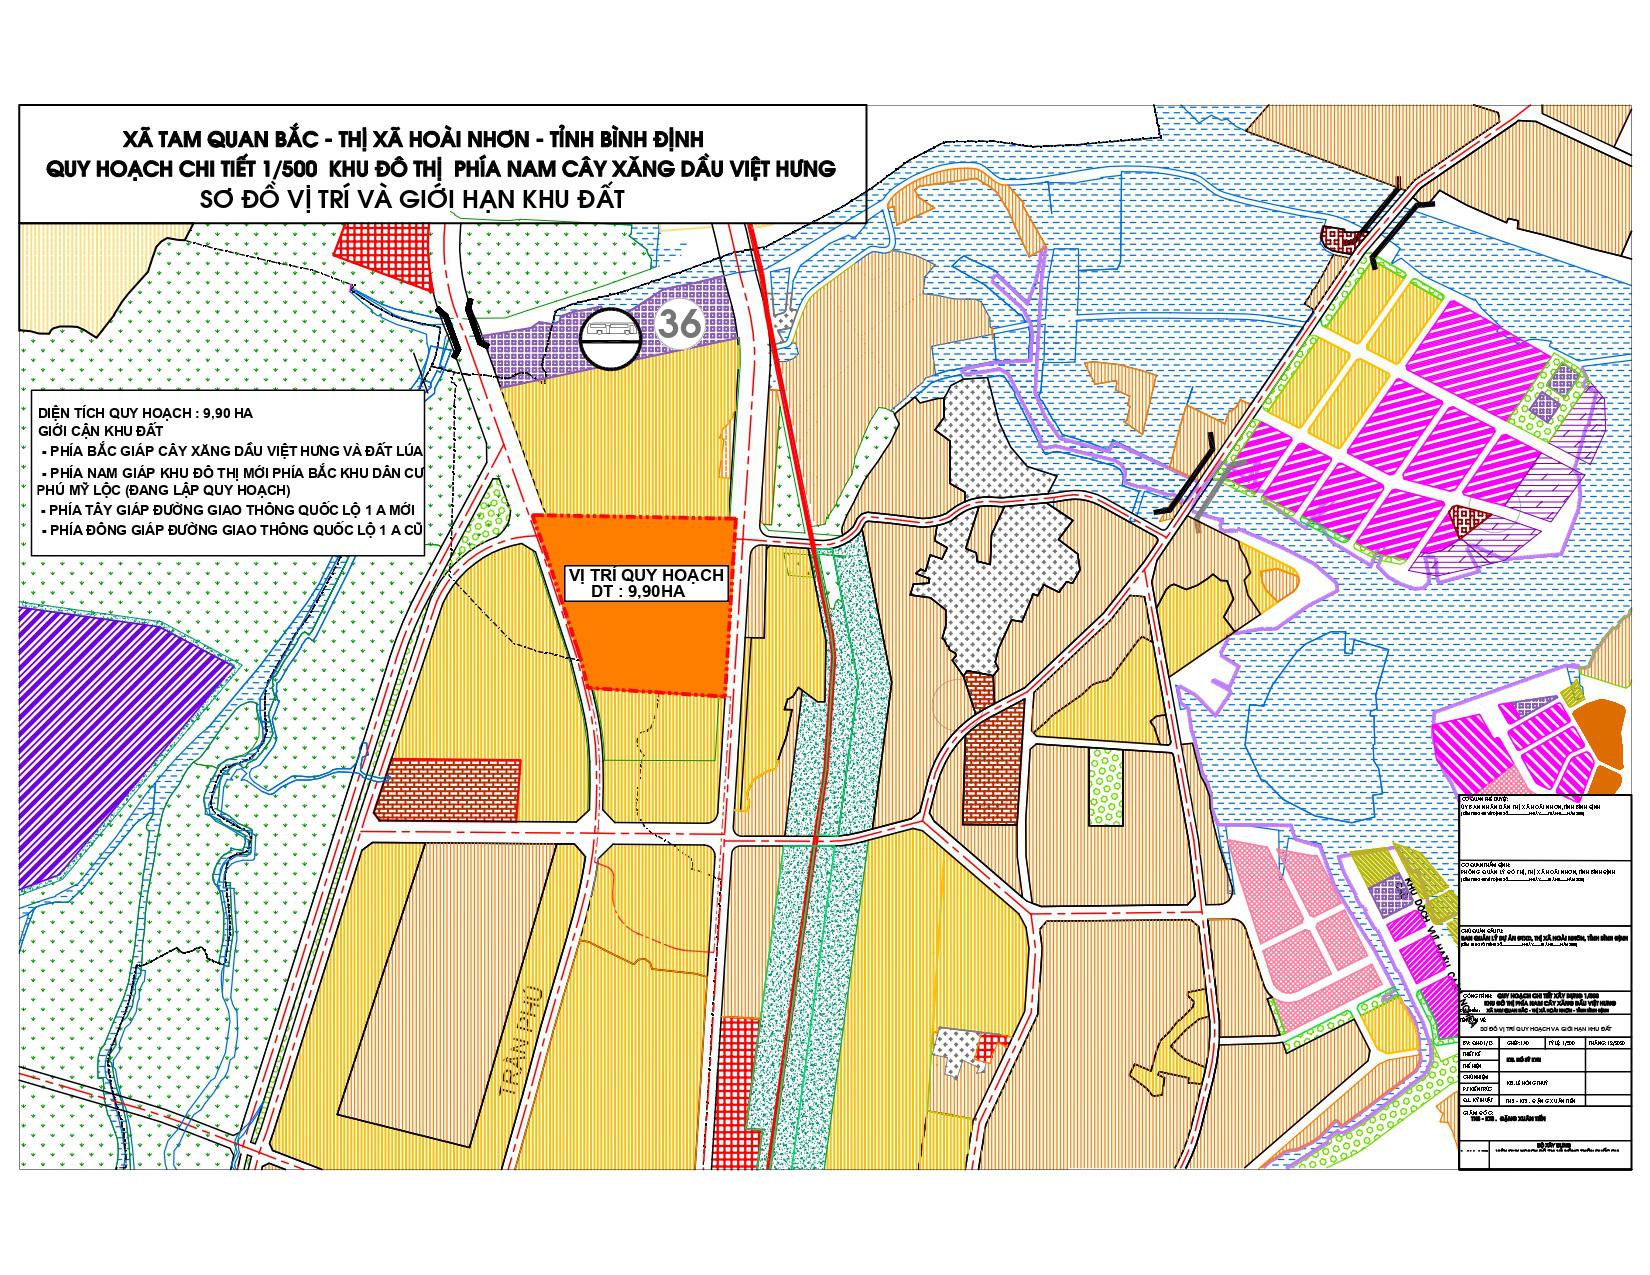 Bình Định tìm chủ cho Khu đô thị phía nam cây xăng dầu Việt Hưng  - Ảnh 1.